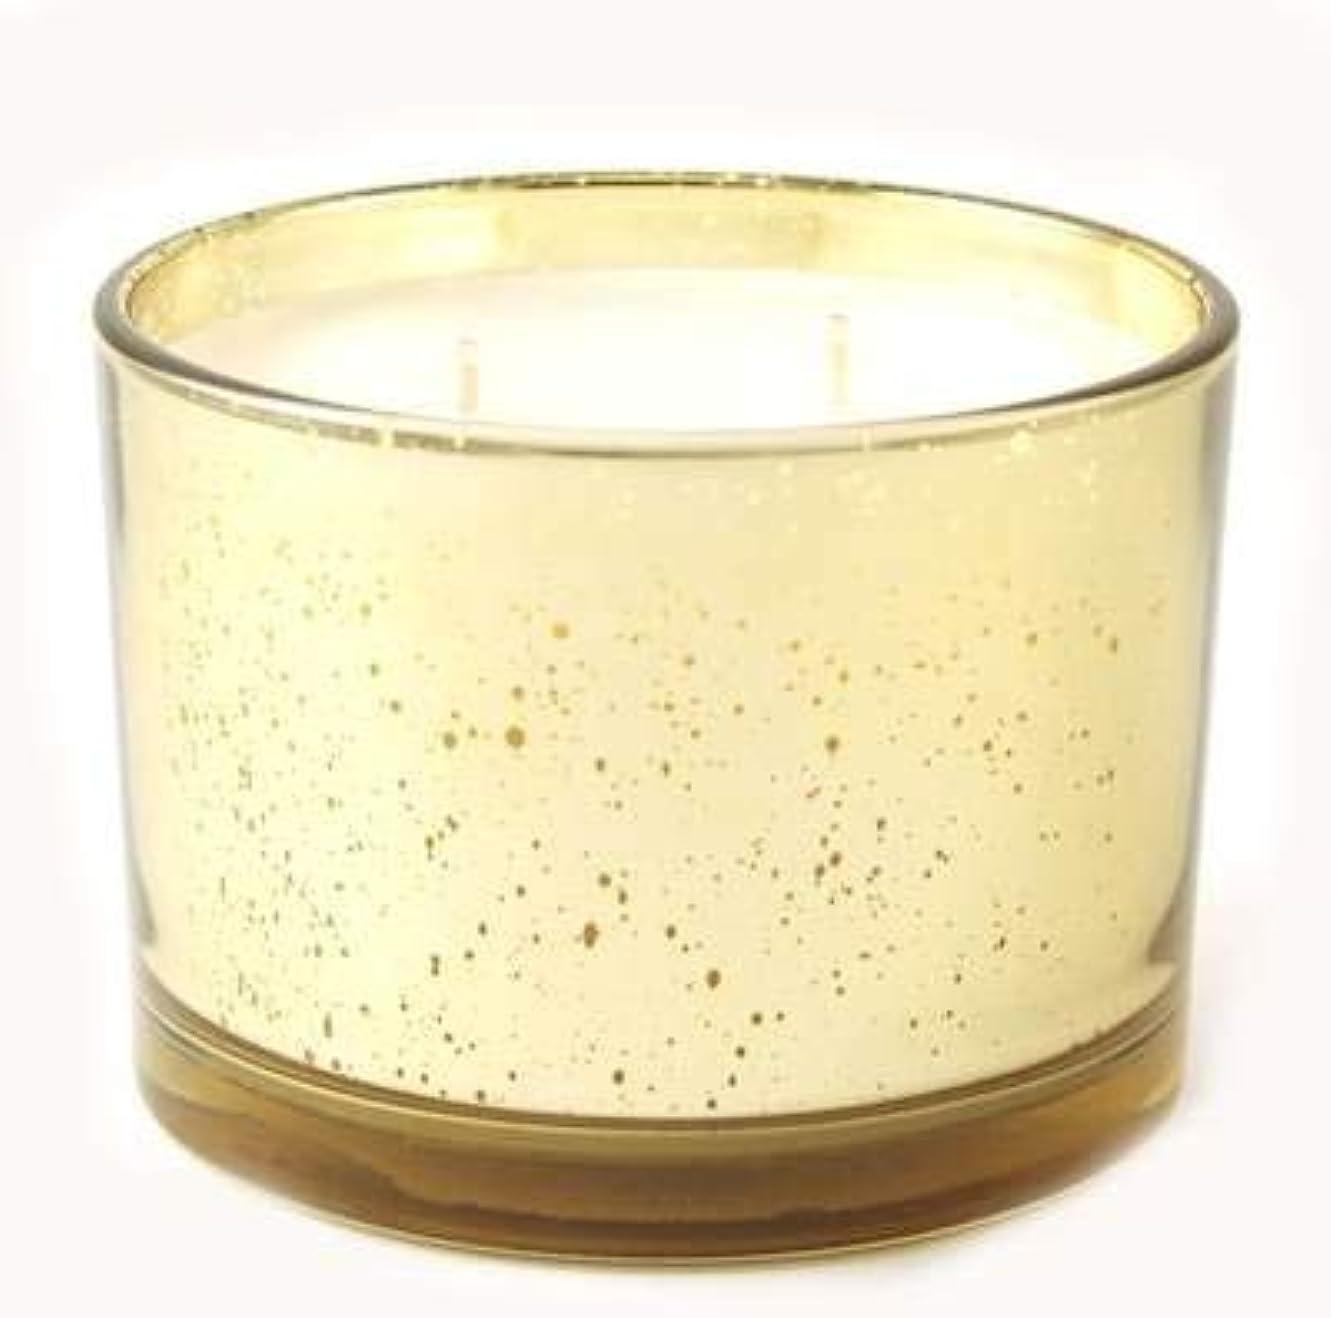 ラリープラスチックあたりDiva Tyler Statureゴールドonゴールド16oz香りつきJar Candle